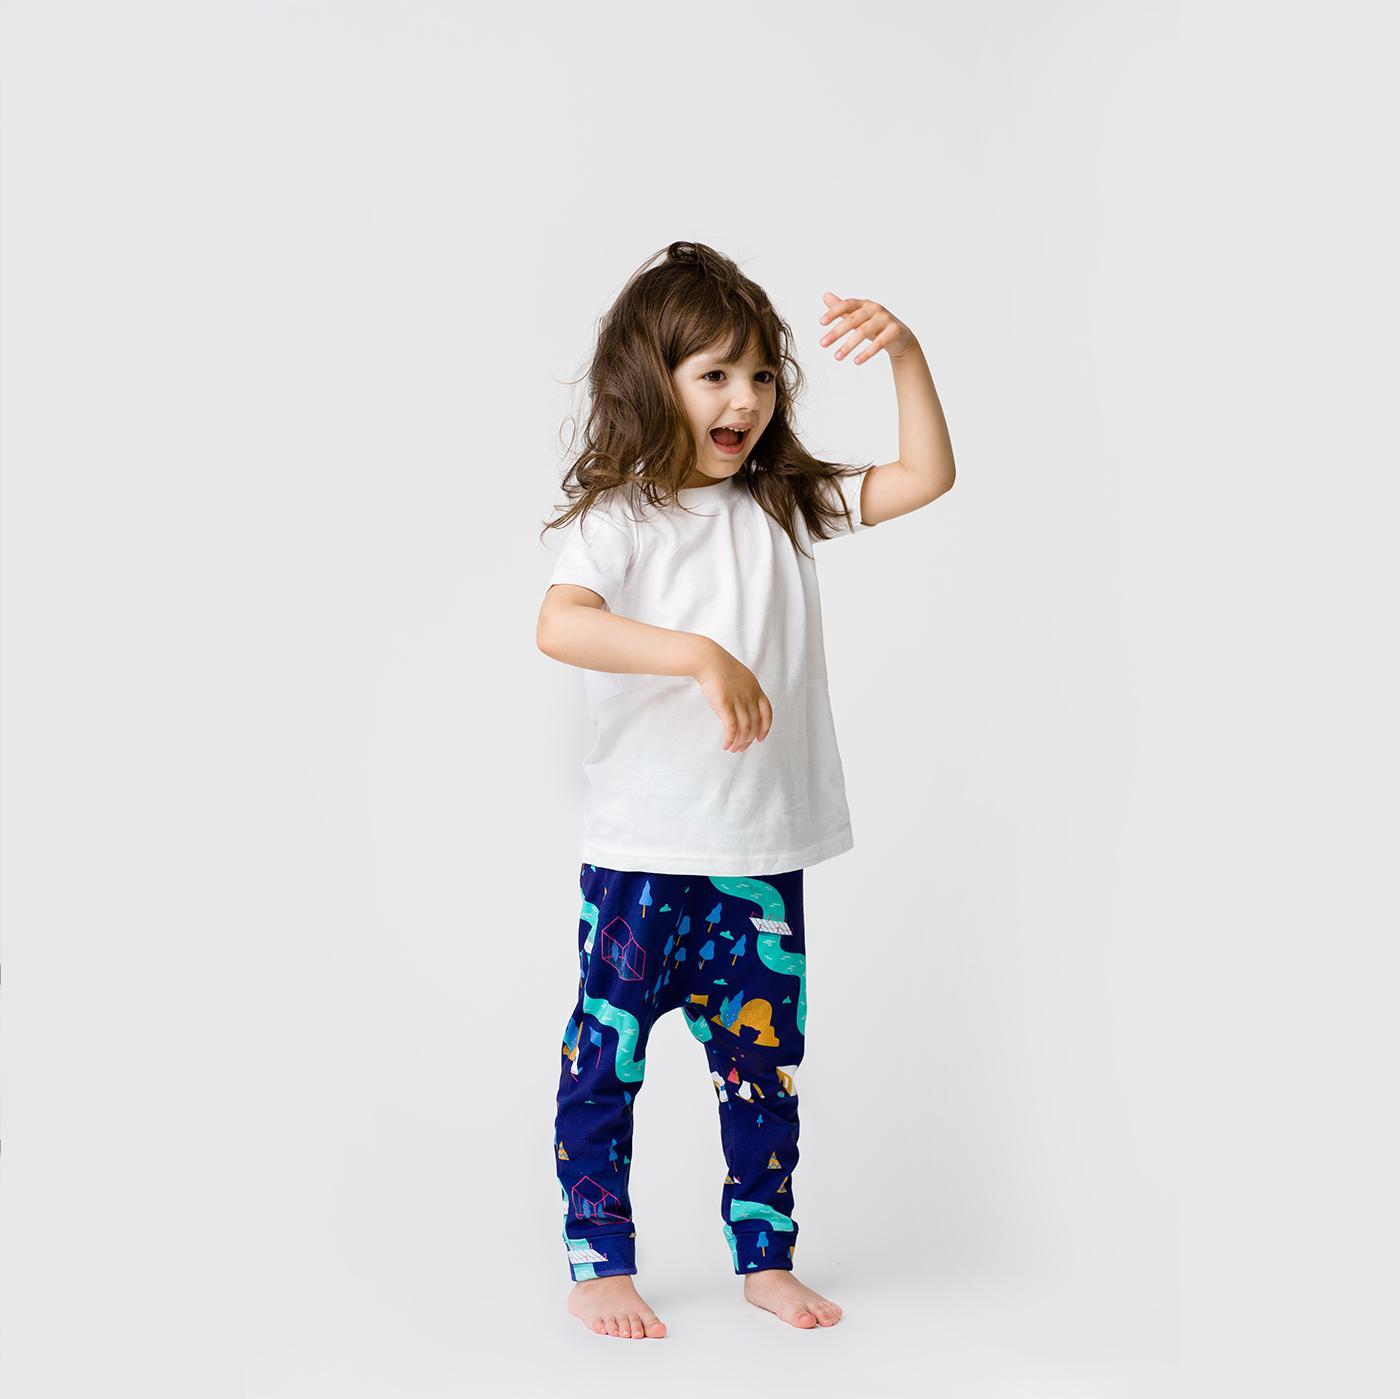 baby fashion Clothing apparel Fashion